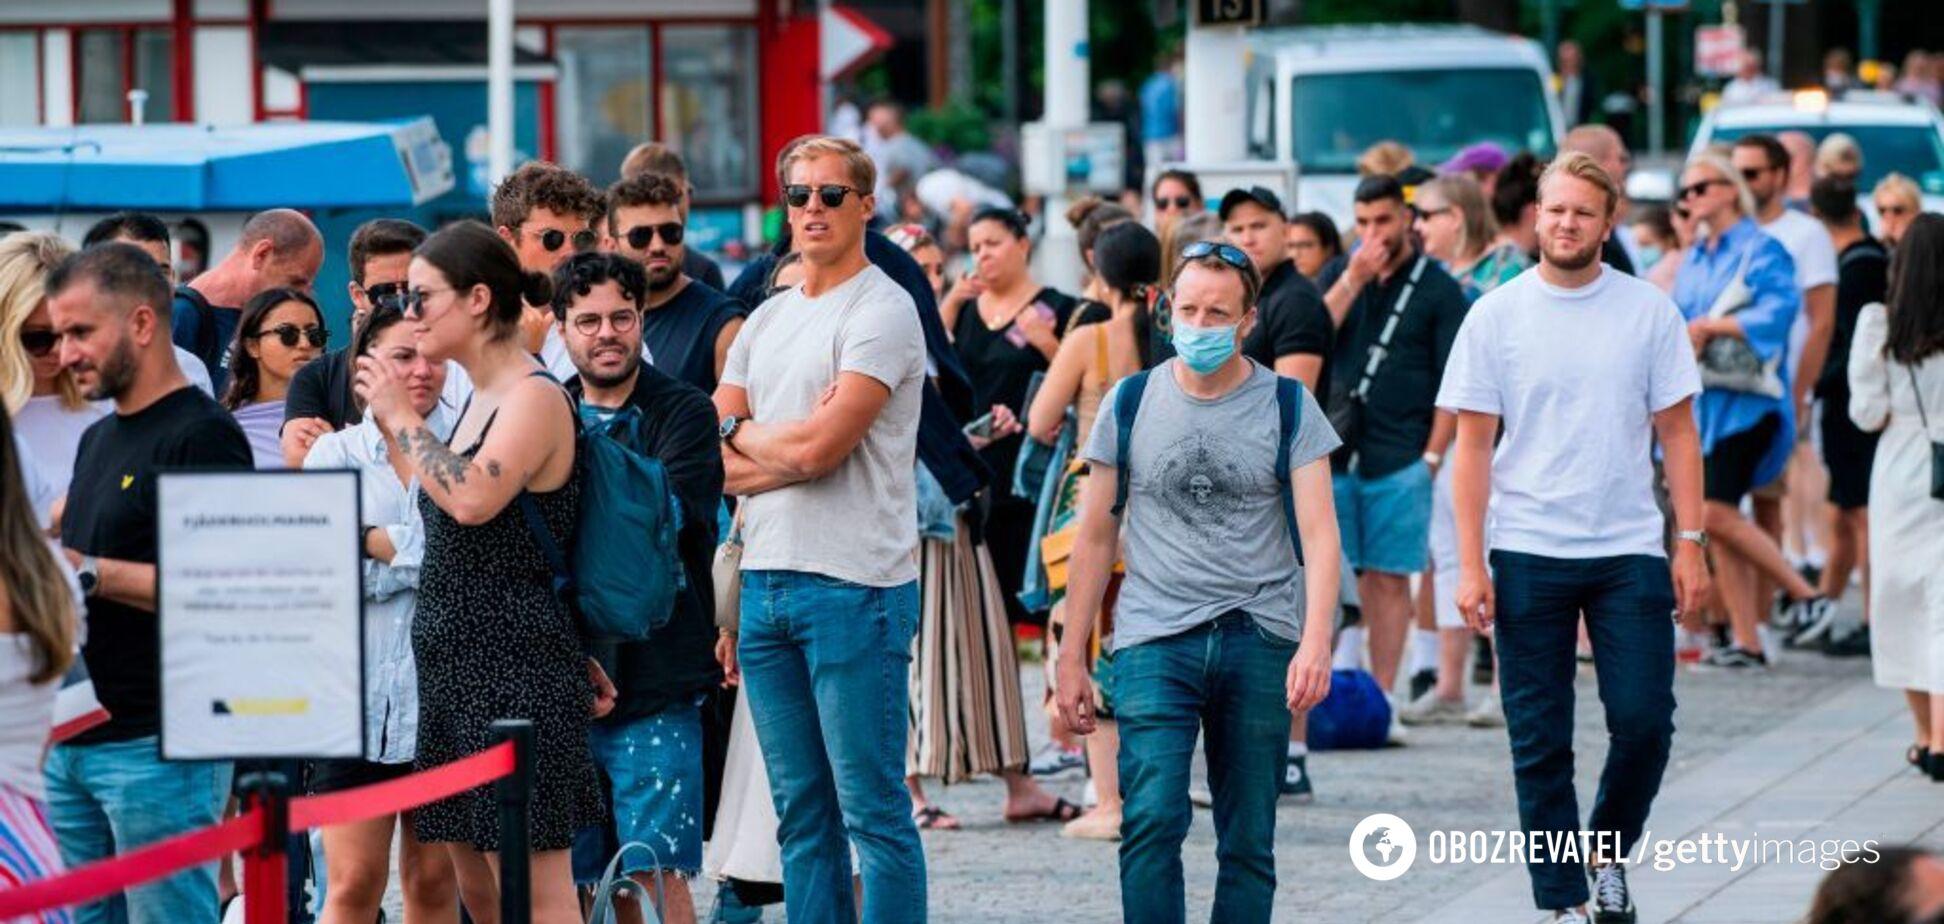 В Швеции сняли почти все введенные из-за пандемии COVID-19 ограничения: какая сейчас ситуация в стране